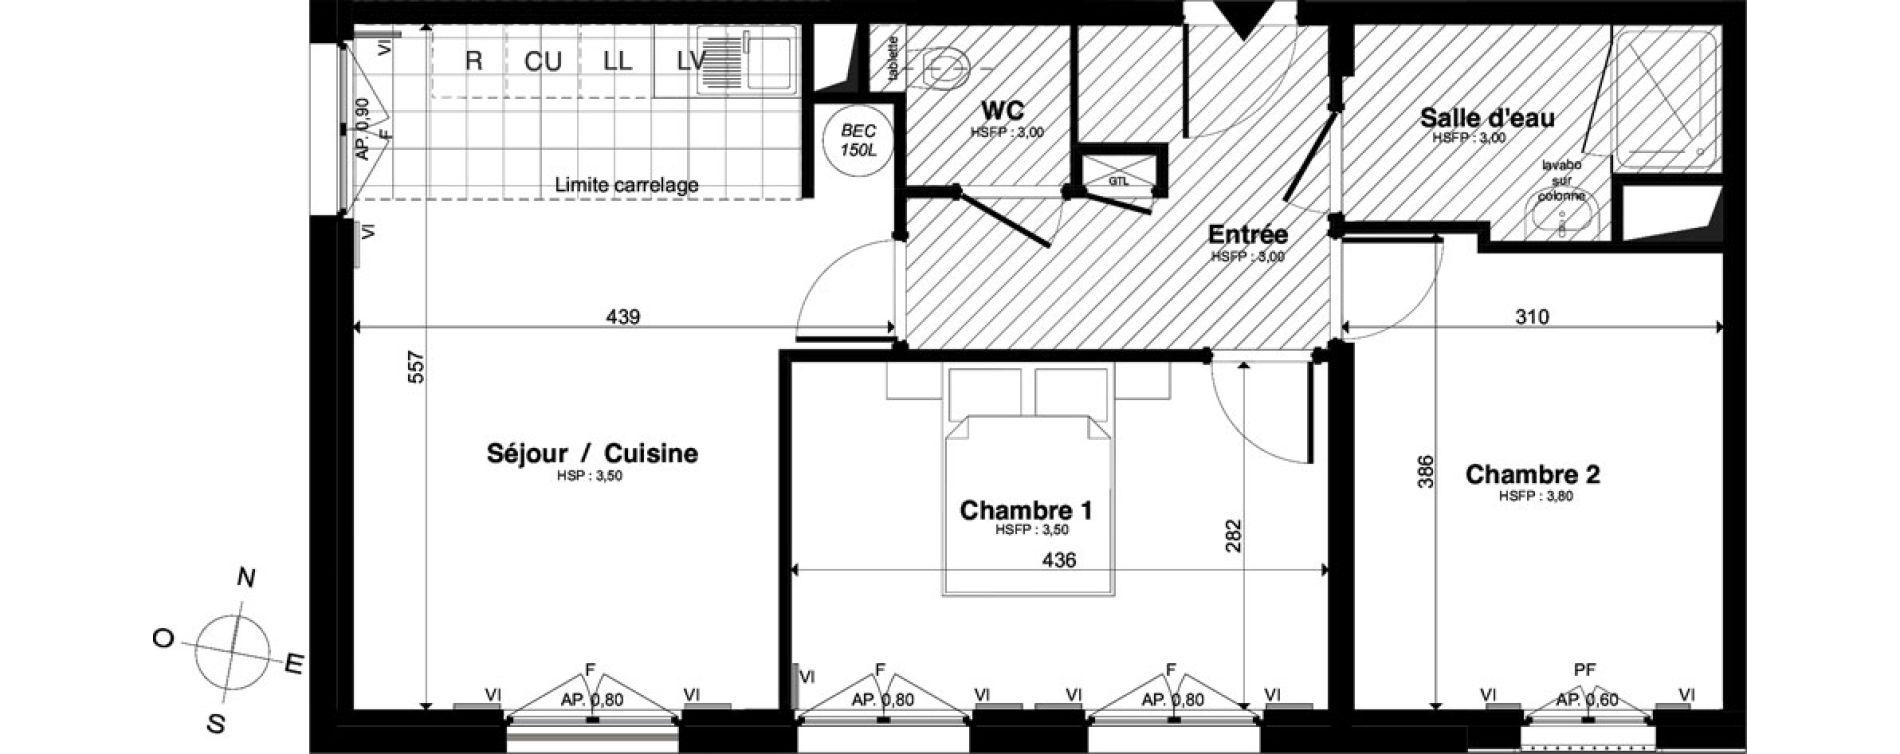 Appartement T3 de 58,08 m2 à Saint-Malo Intra-muros